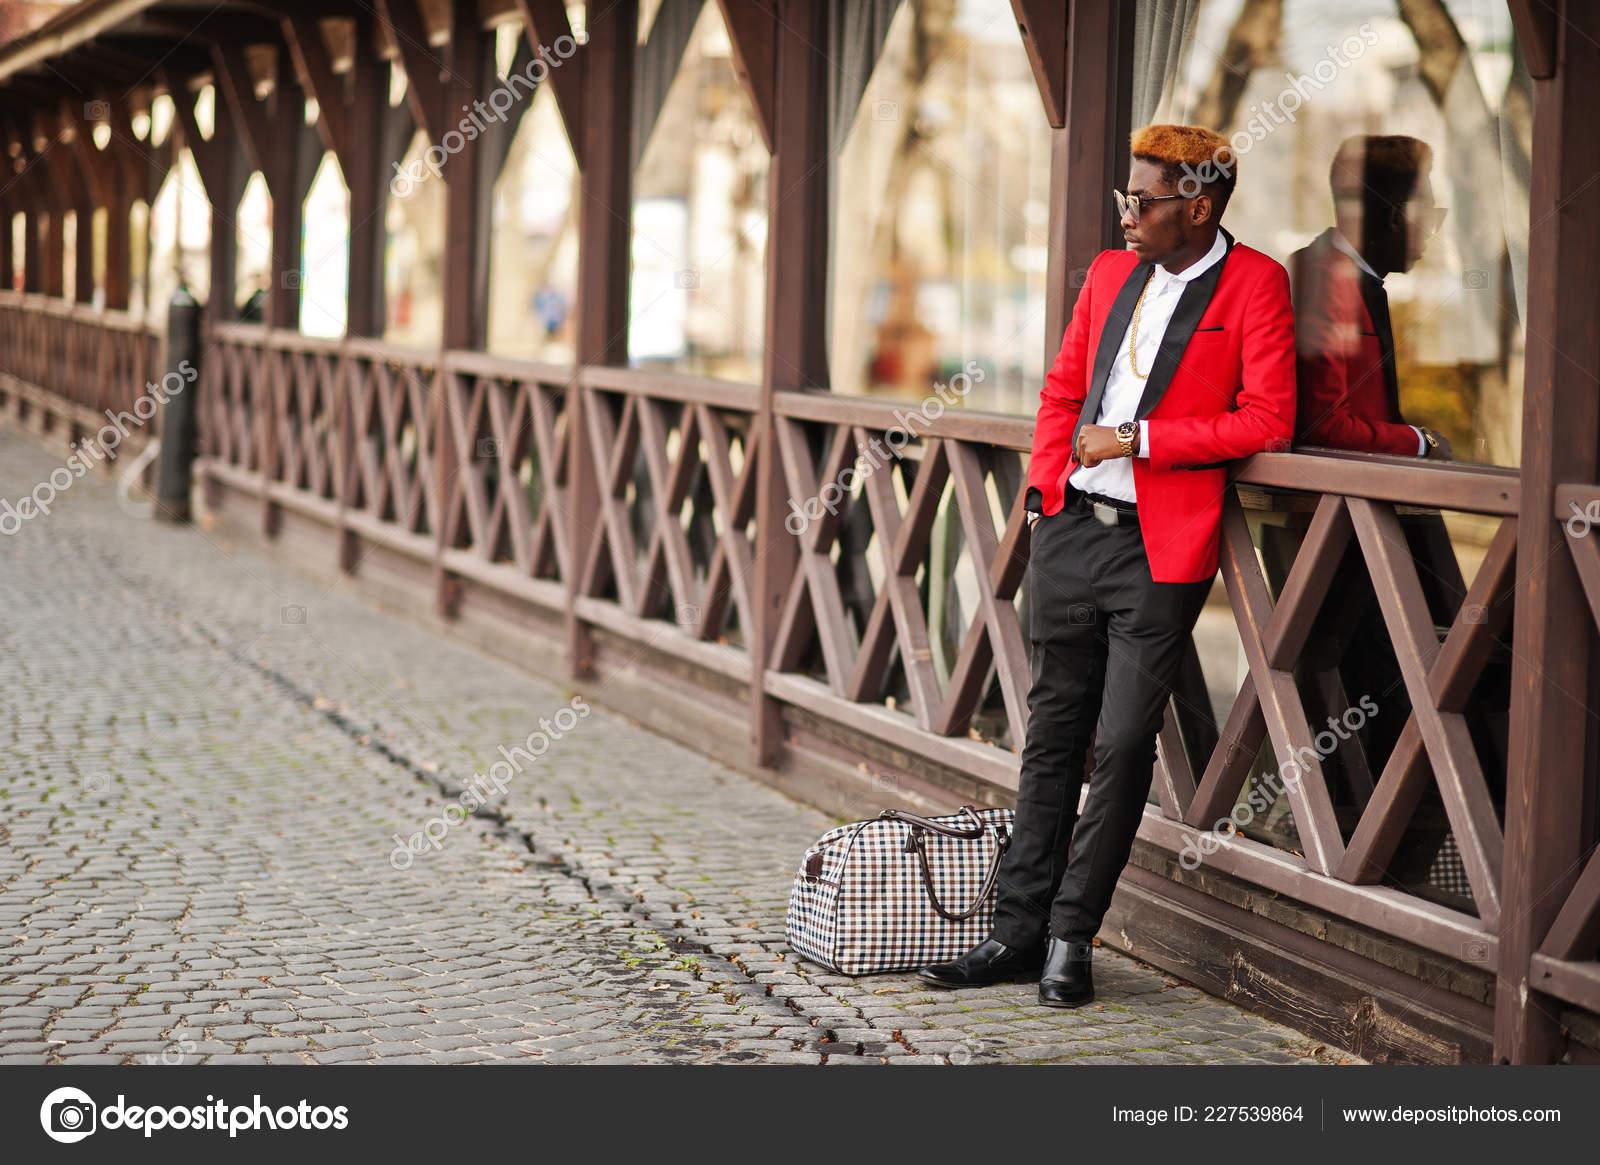 Fotomodell Afroamerikanische Mann Roten Anzug Mit Highlights